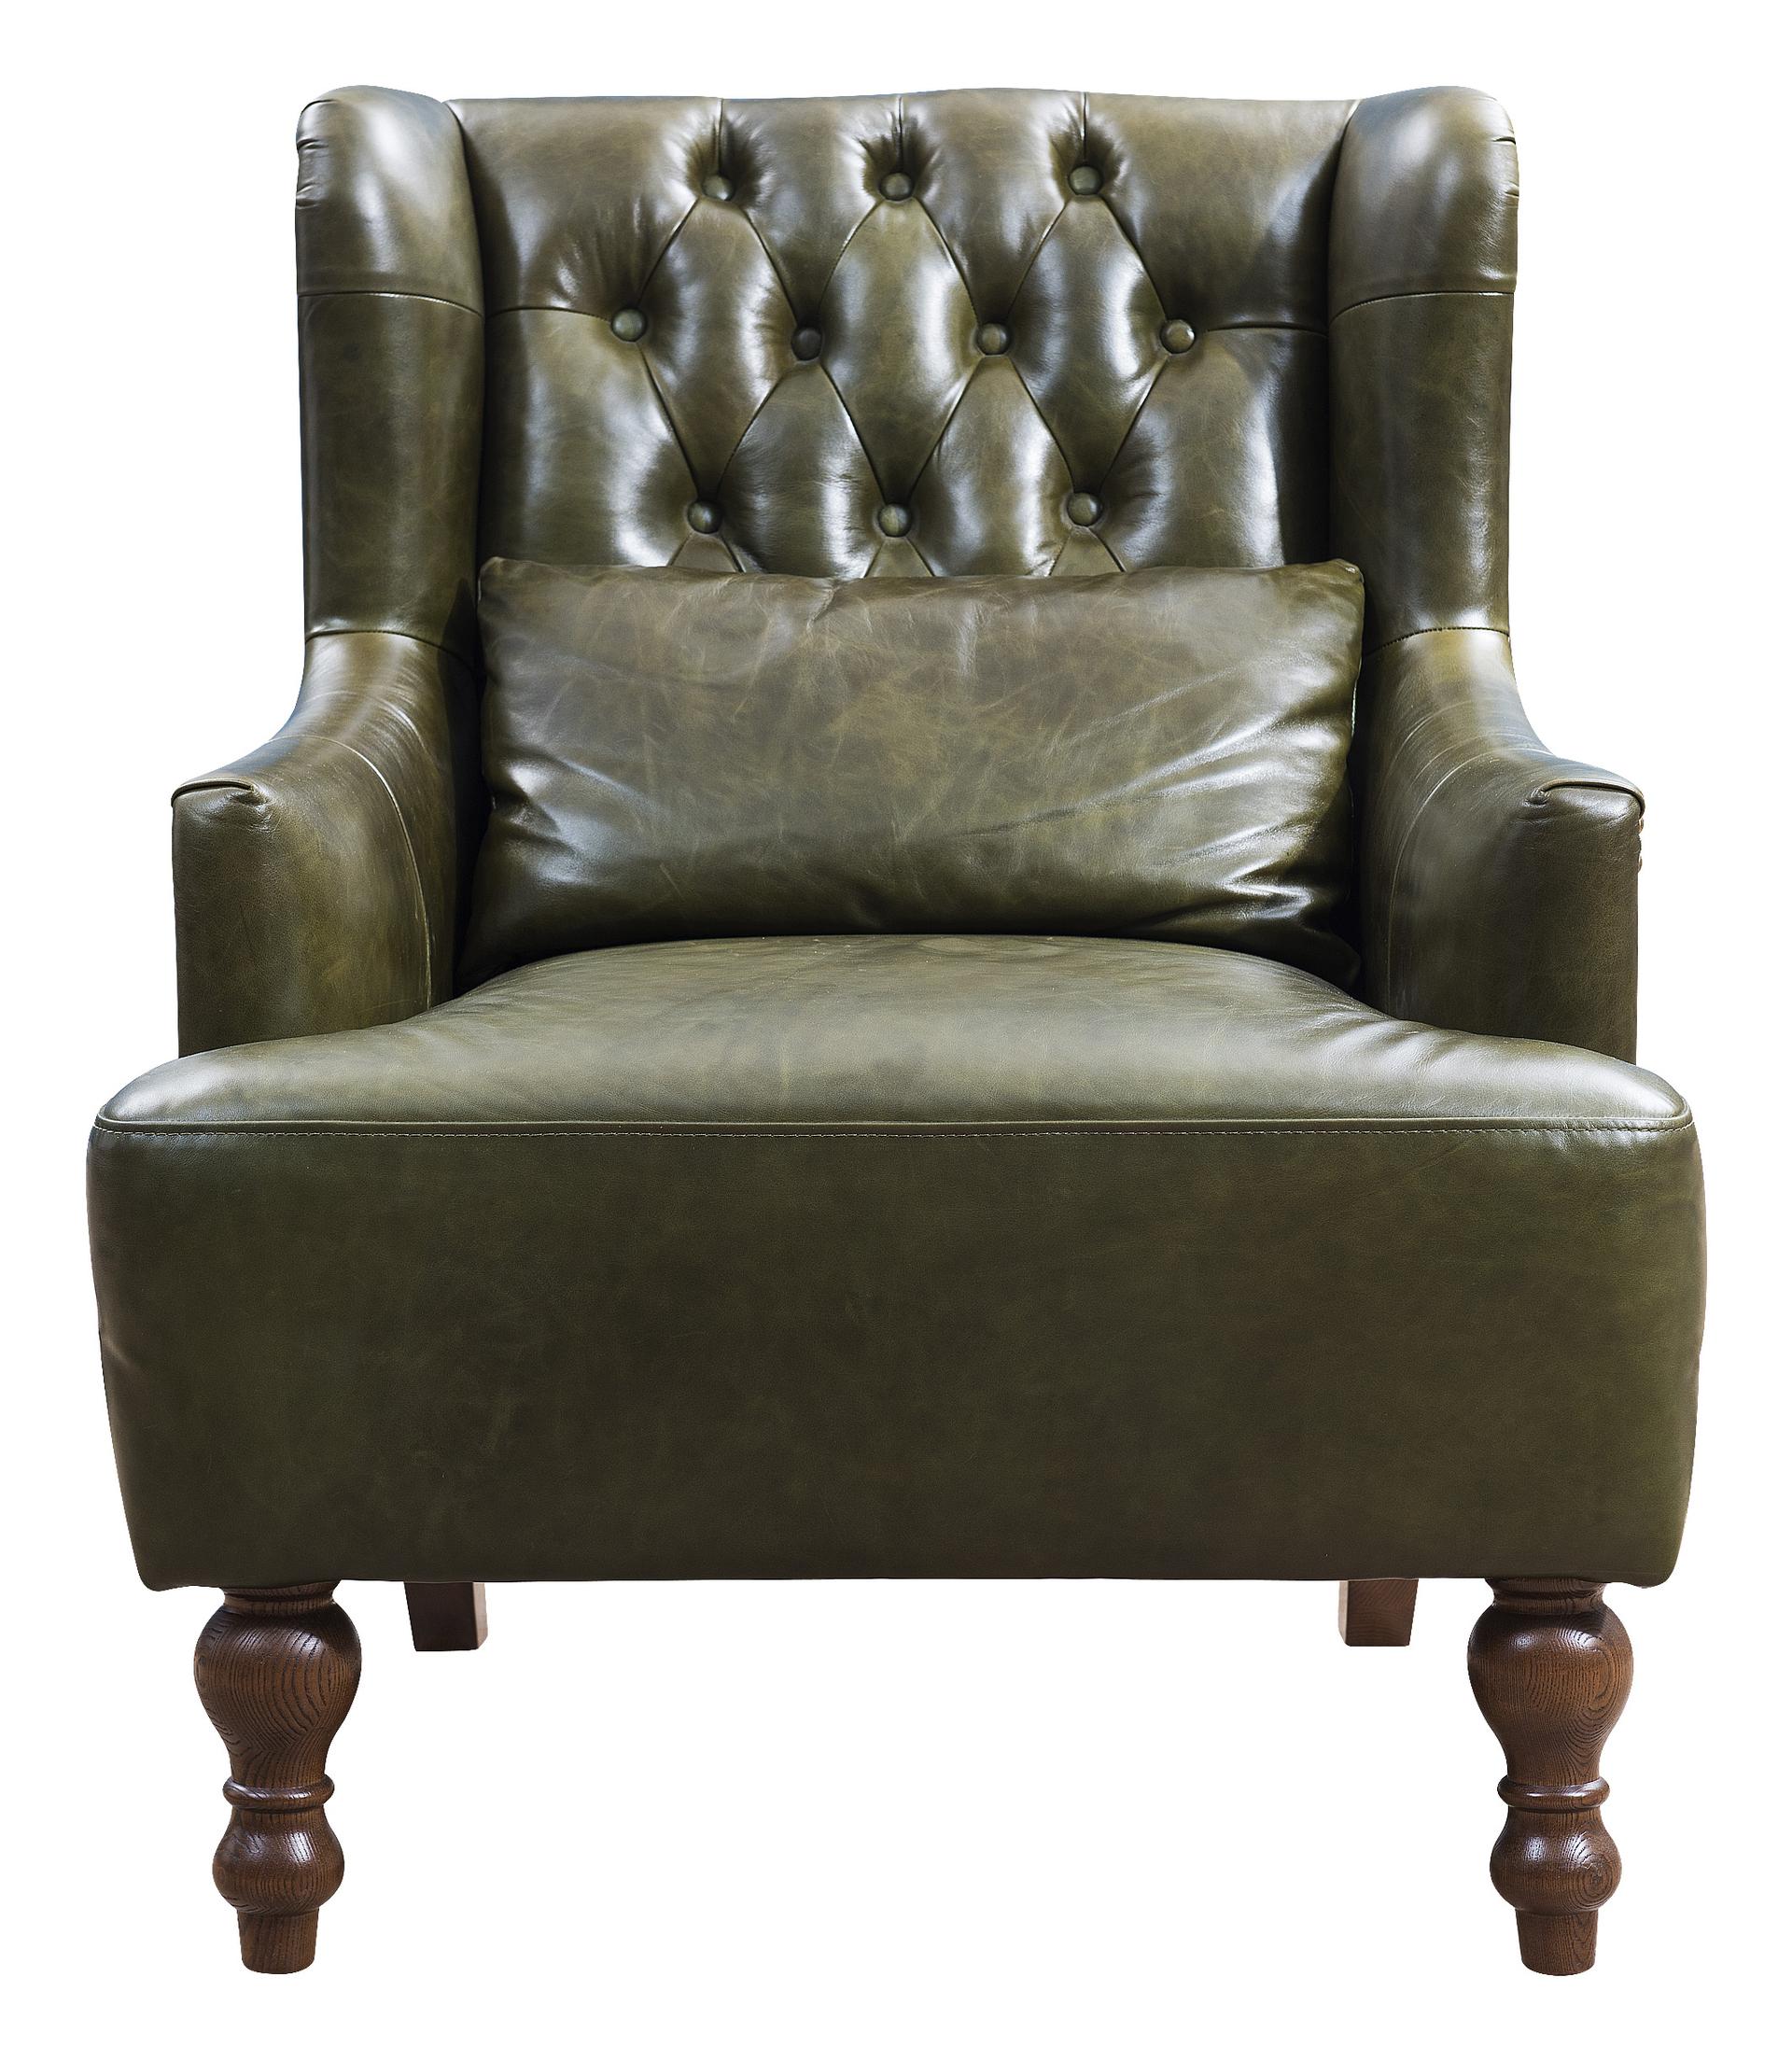 森盛家具 舒美系列  客厅/ 卧房 休闲椅   XY6003